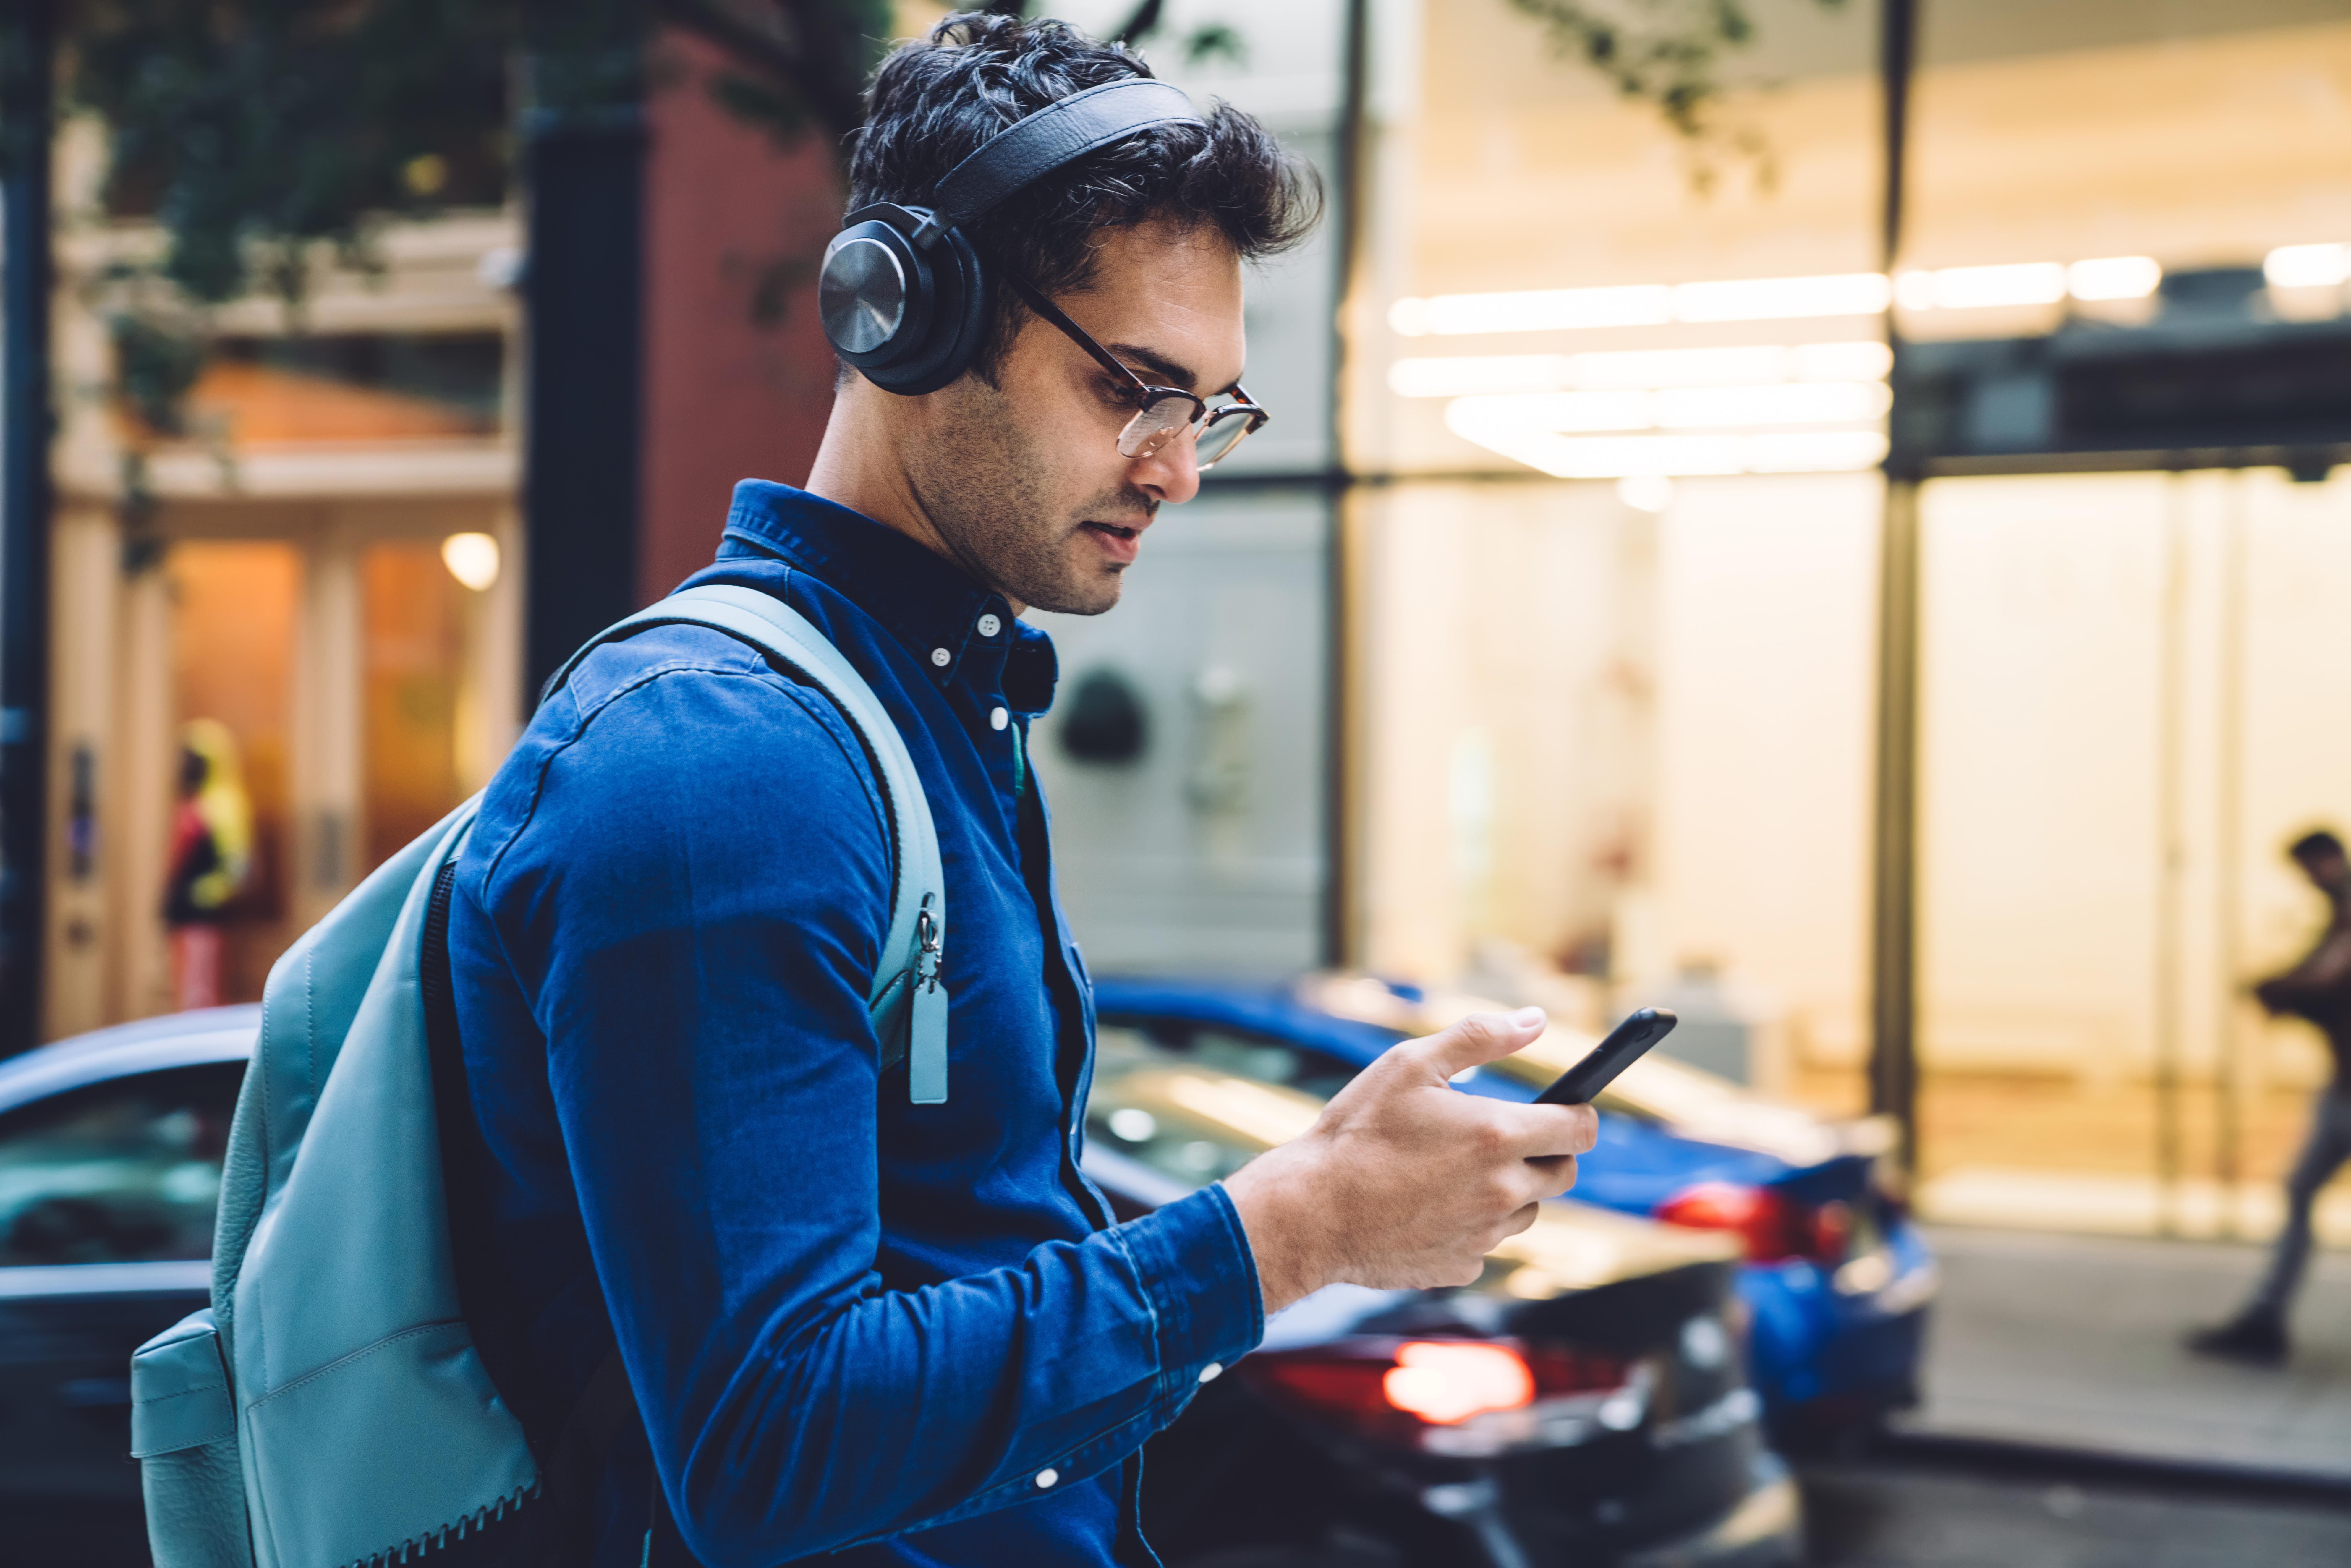 Junger_Mann-mit_Smartphone_&_Kopfhörer-